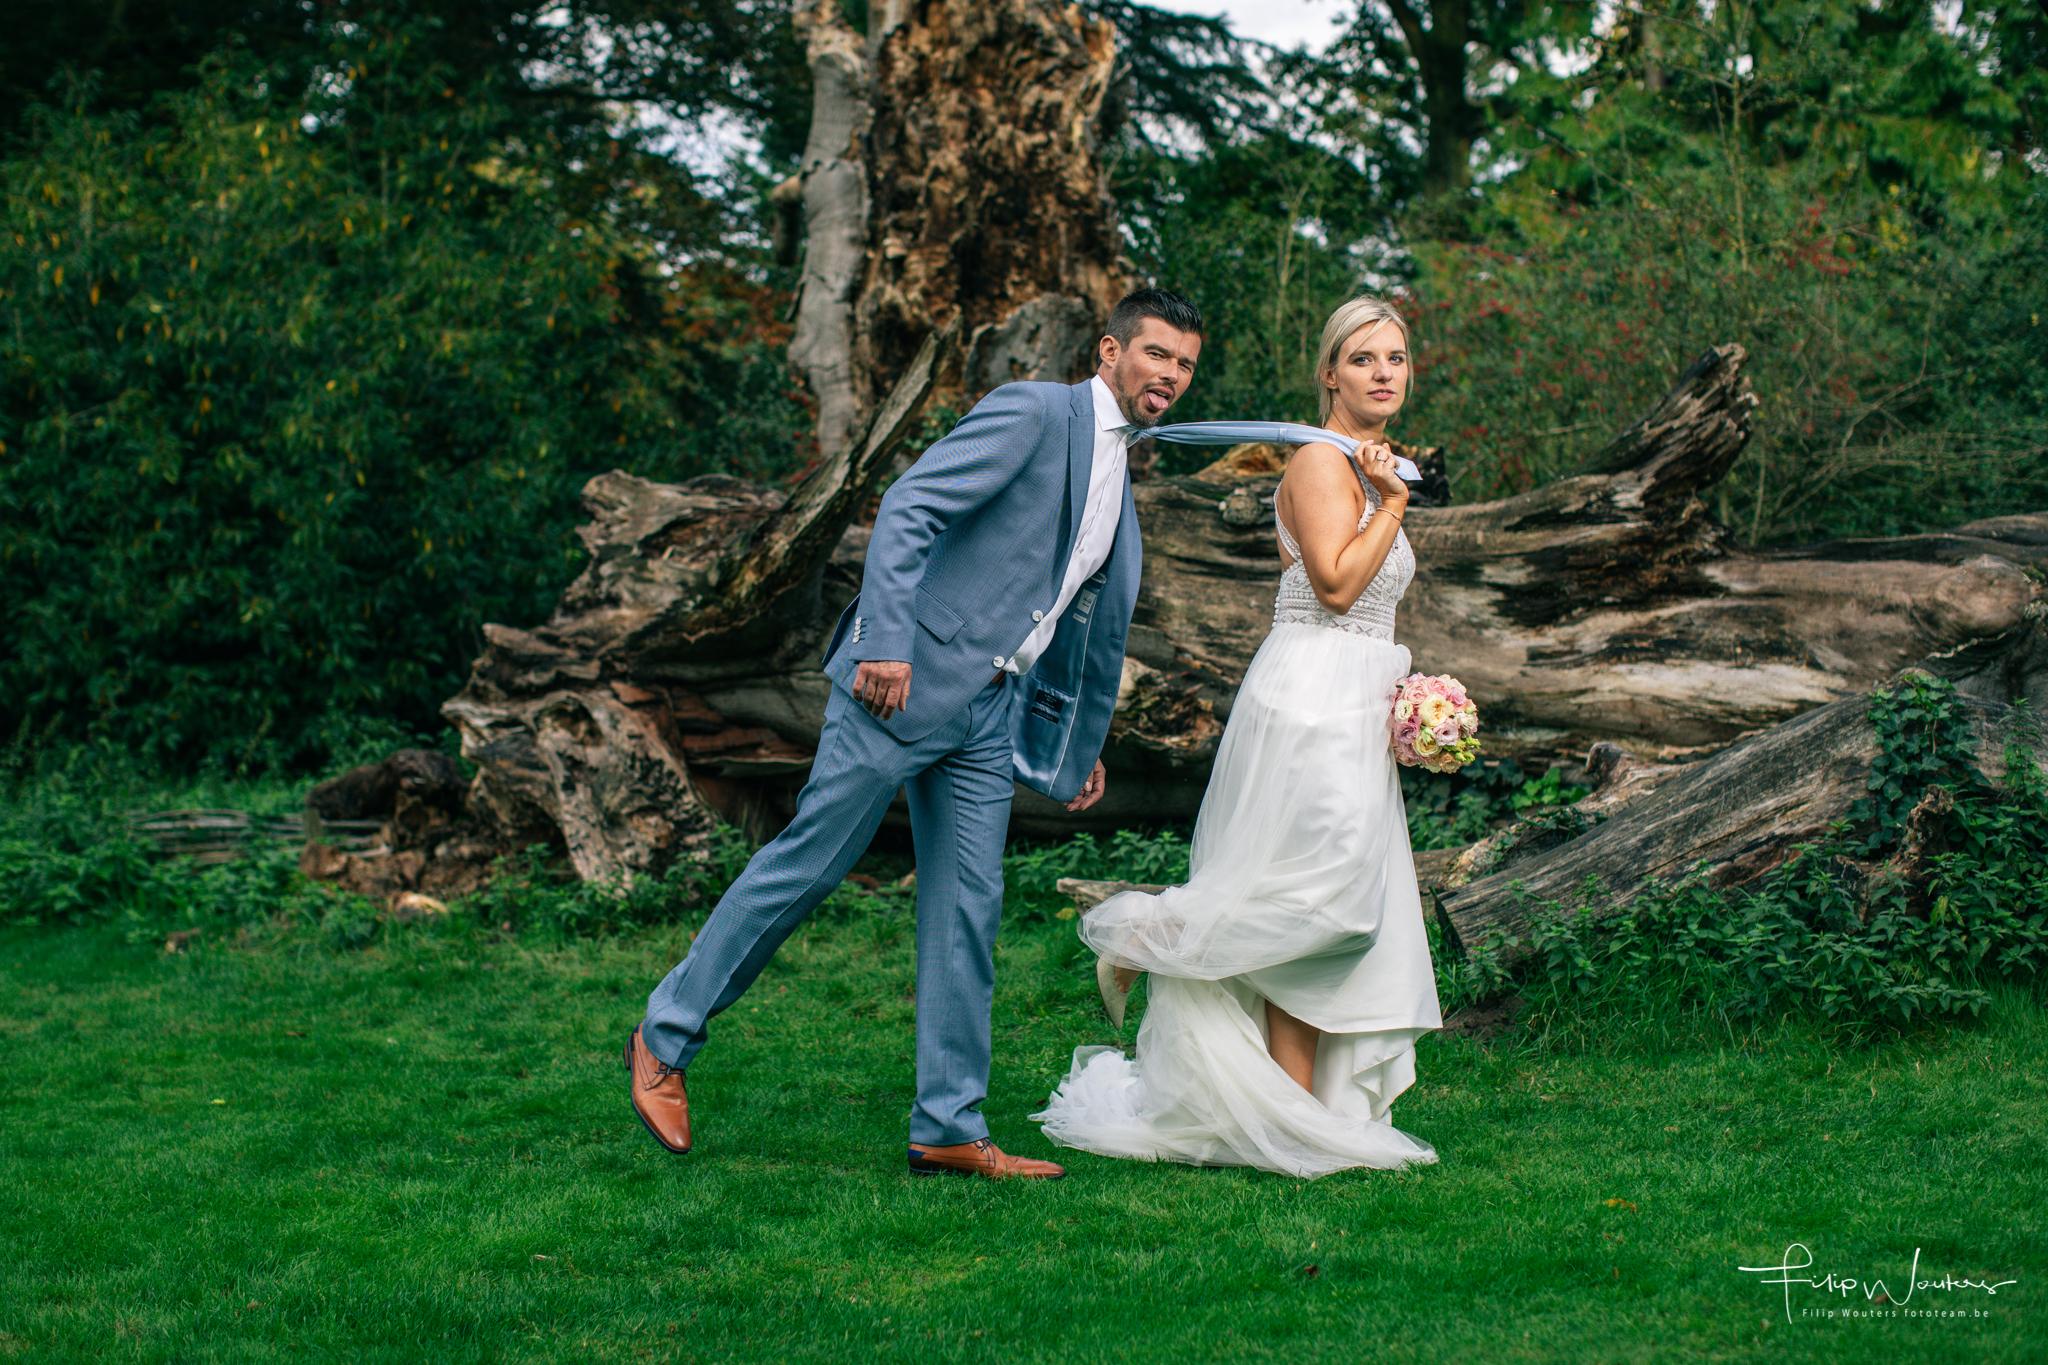 Huwelijksfotograaf Filip Wouters 1